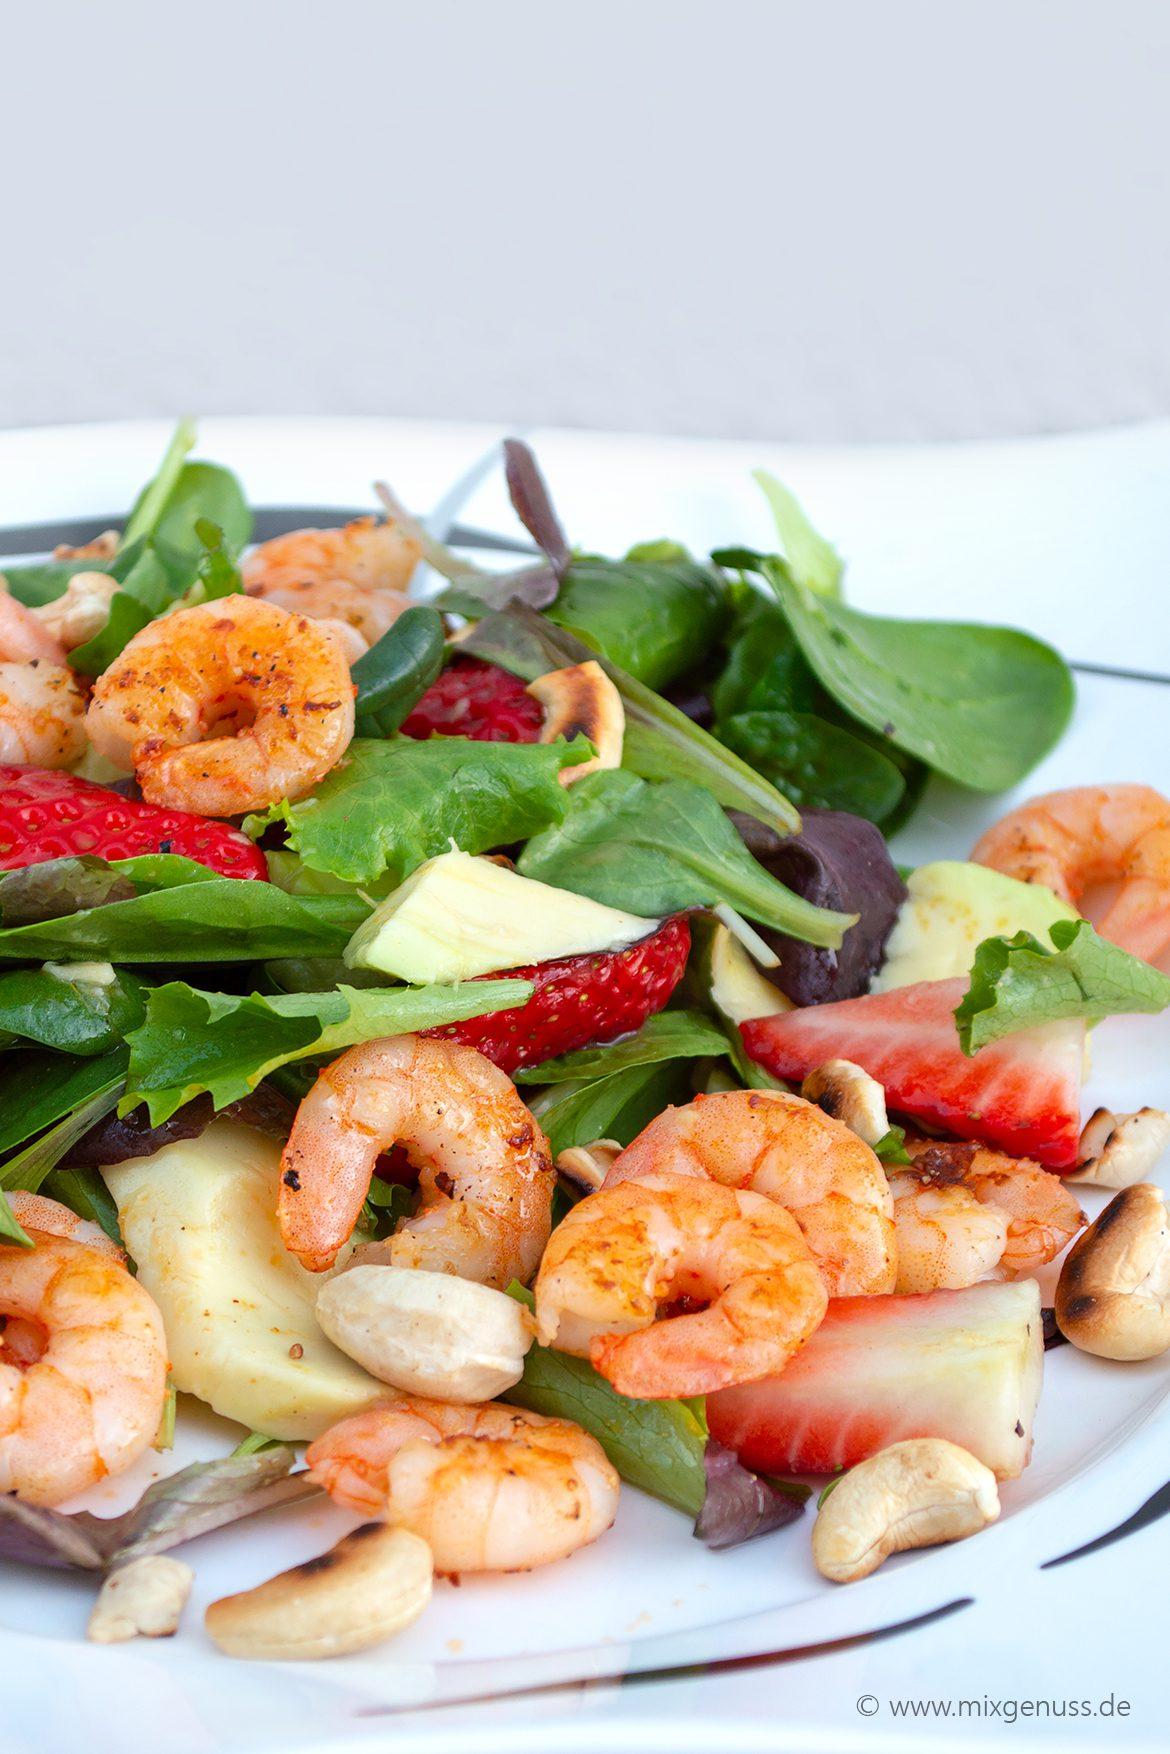 Avocado-Erdbeer-Salat mit Ingwer-Dressing und Garnelen